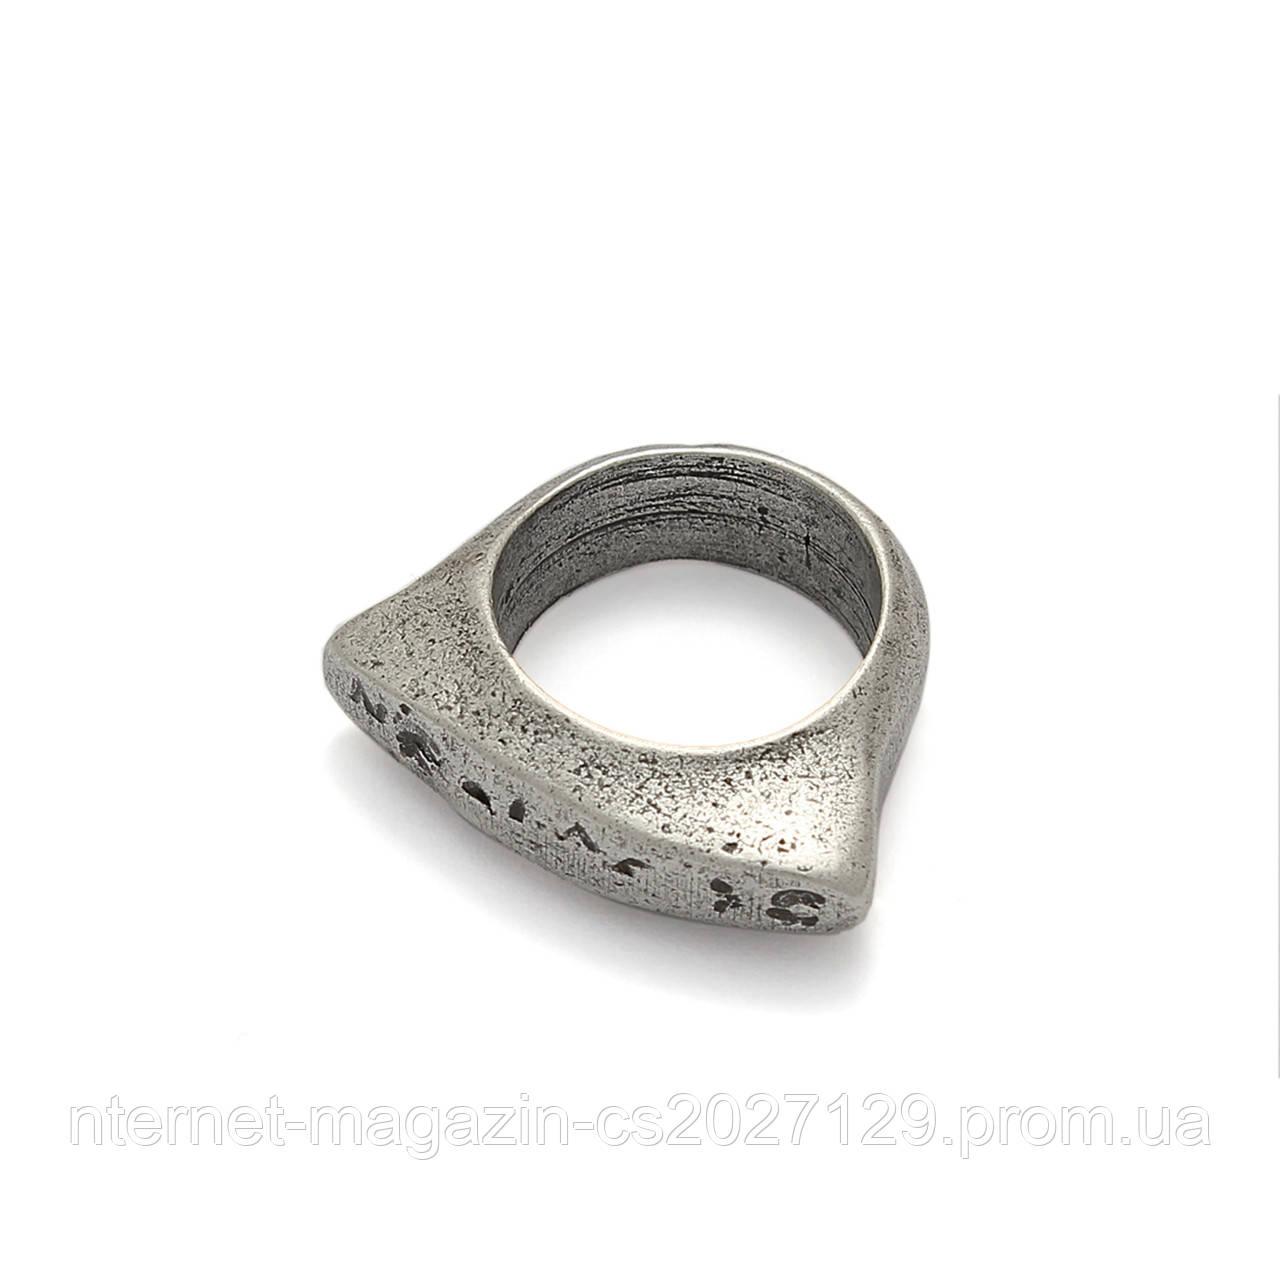 Кольцо цельнолитое Тео 17 размер (бохо стиль)